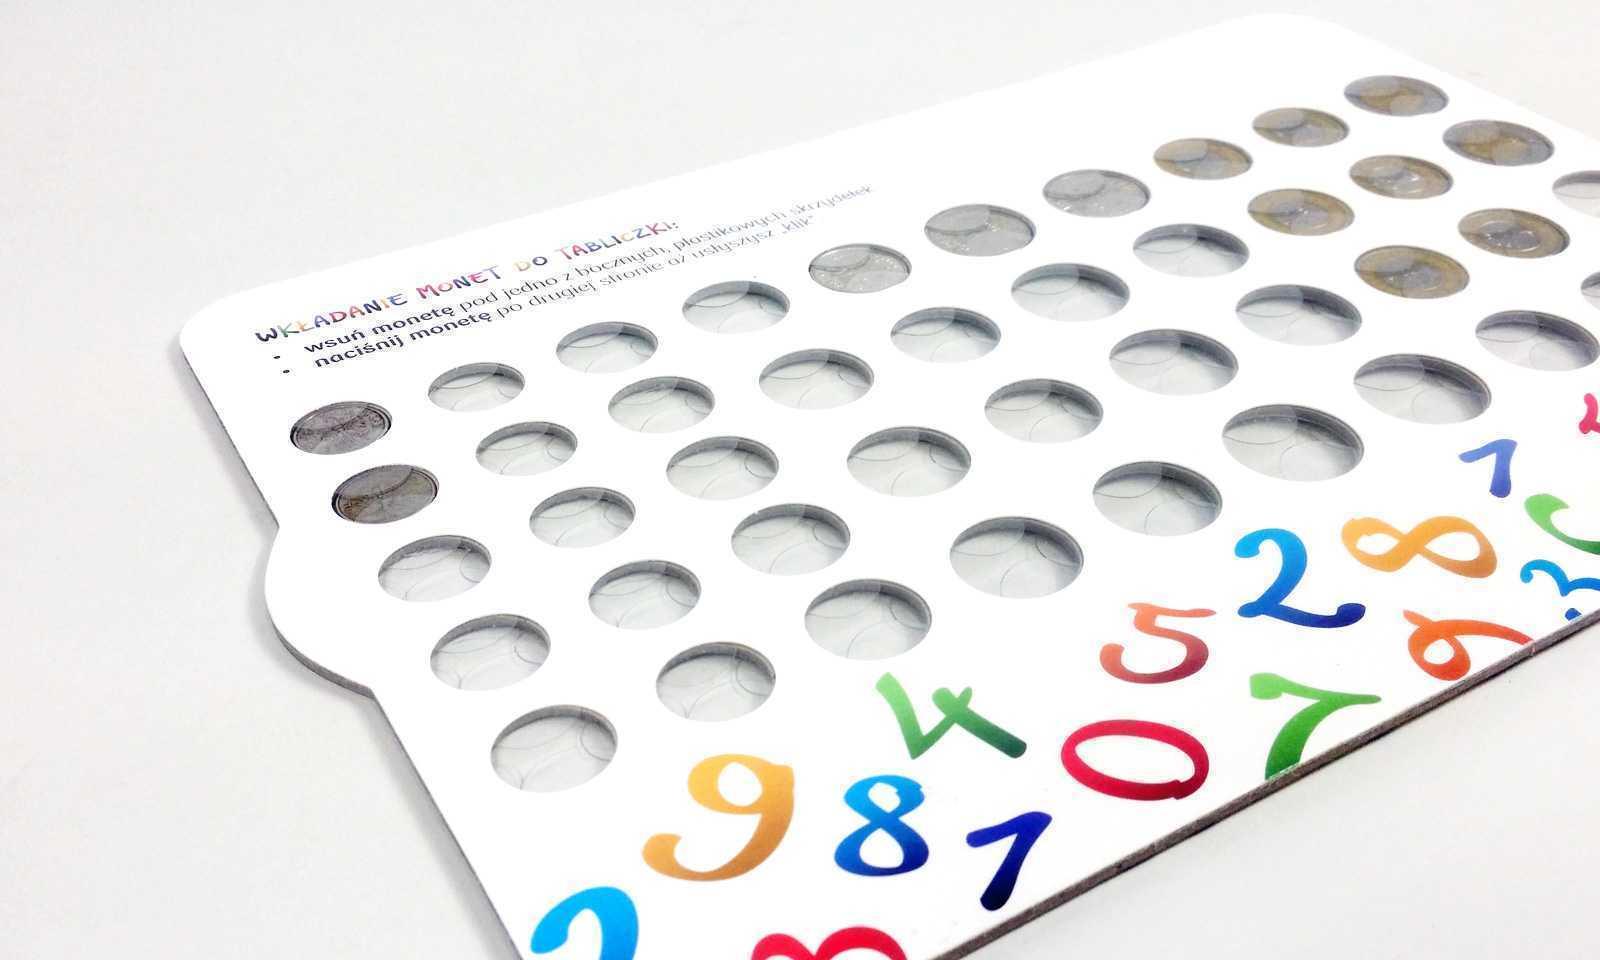 Znalezione obrazy dla zapytania gify tabliczki oszczednosci